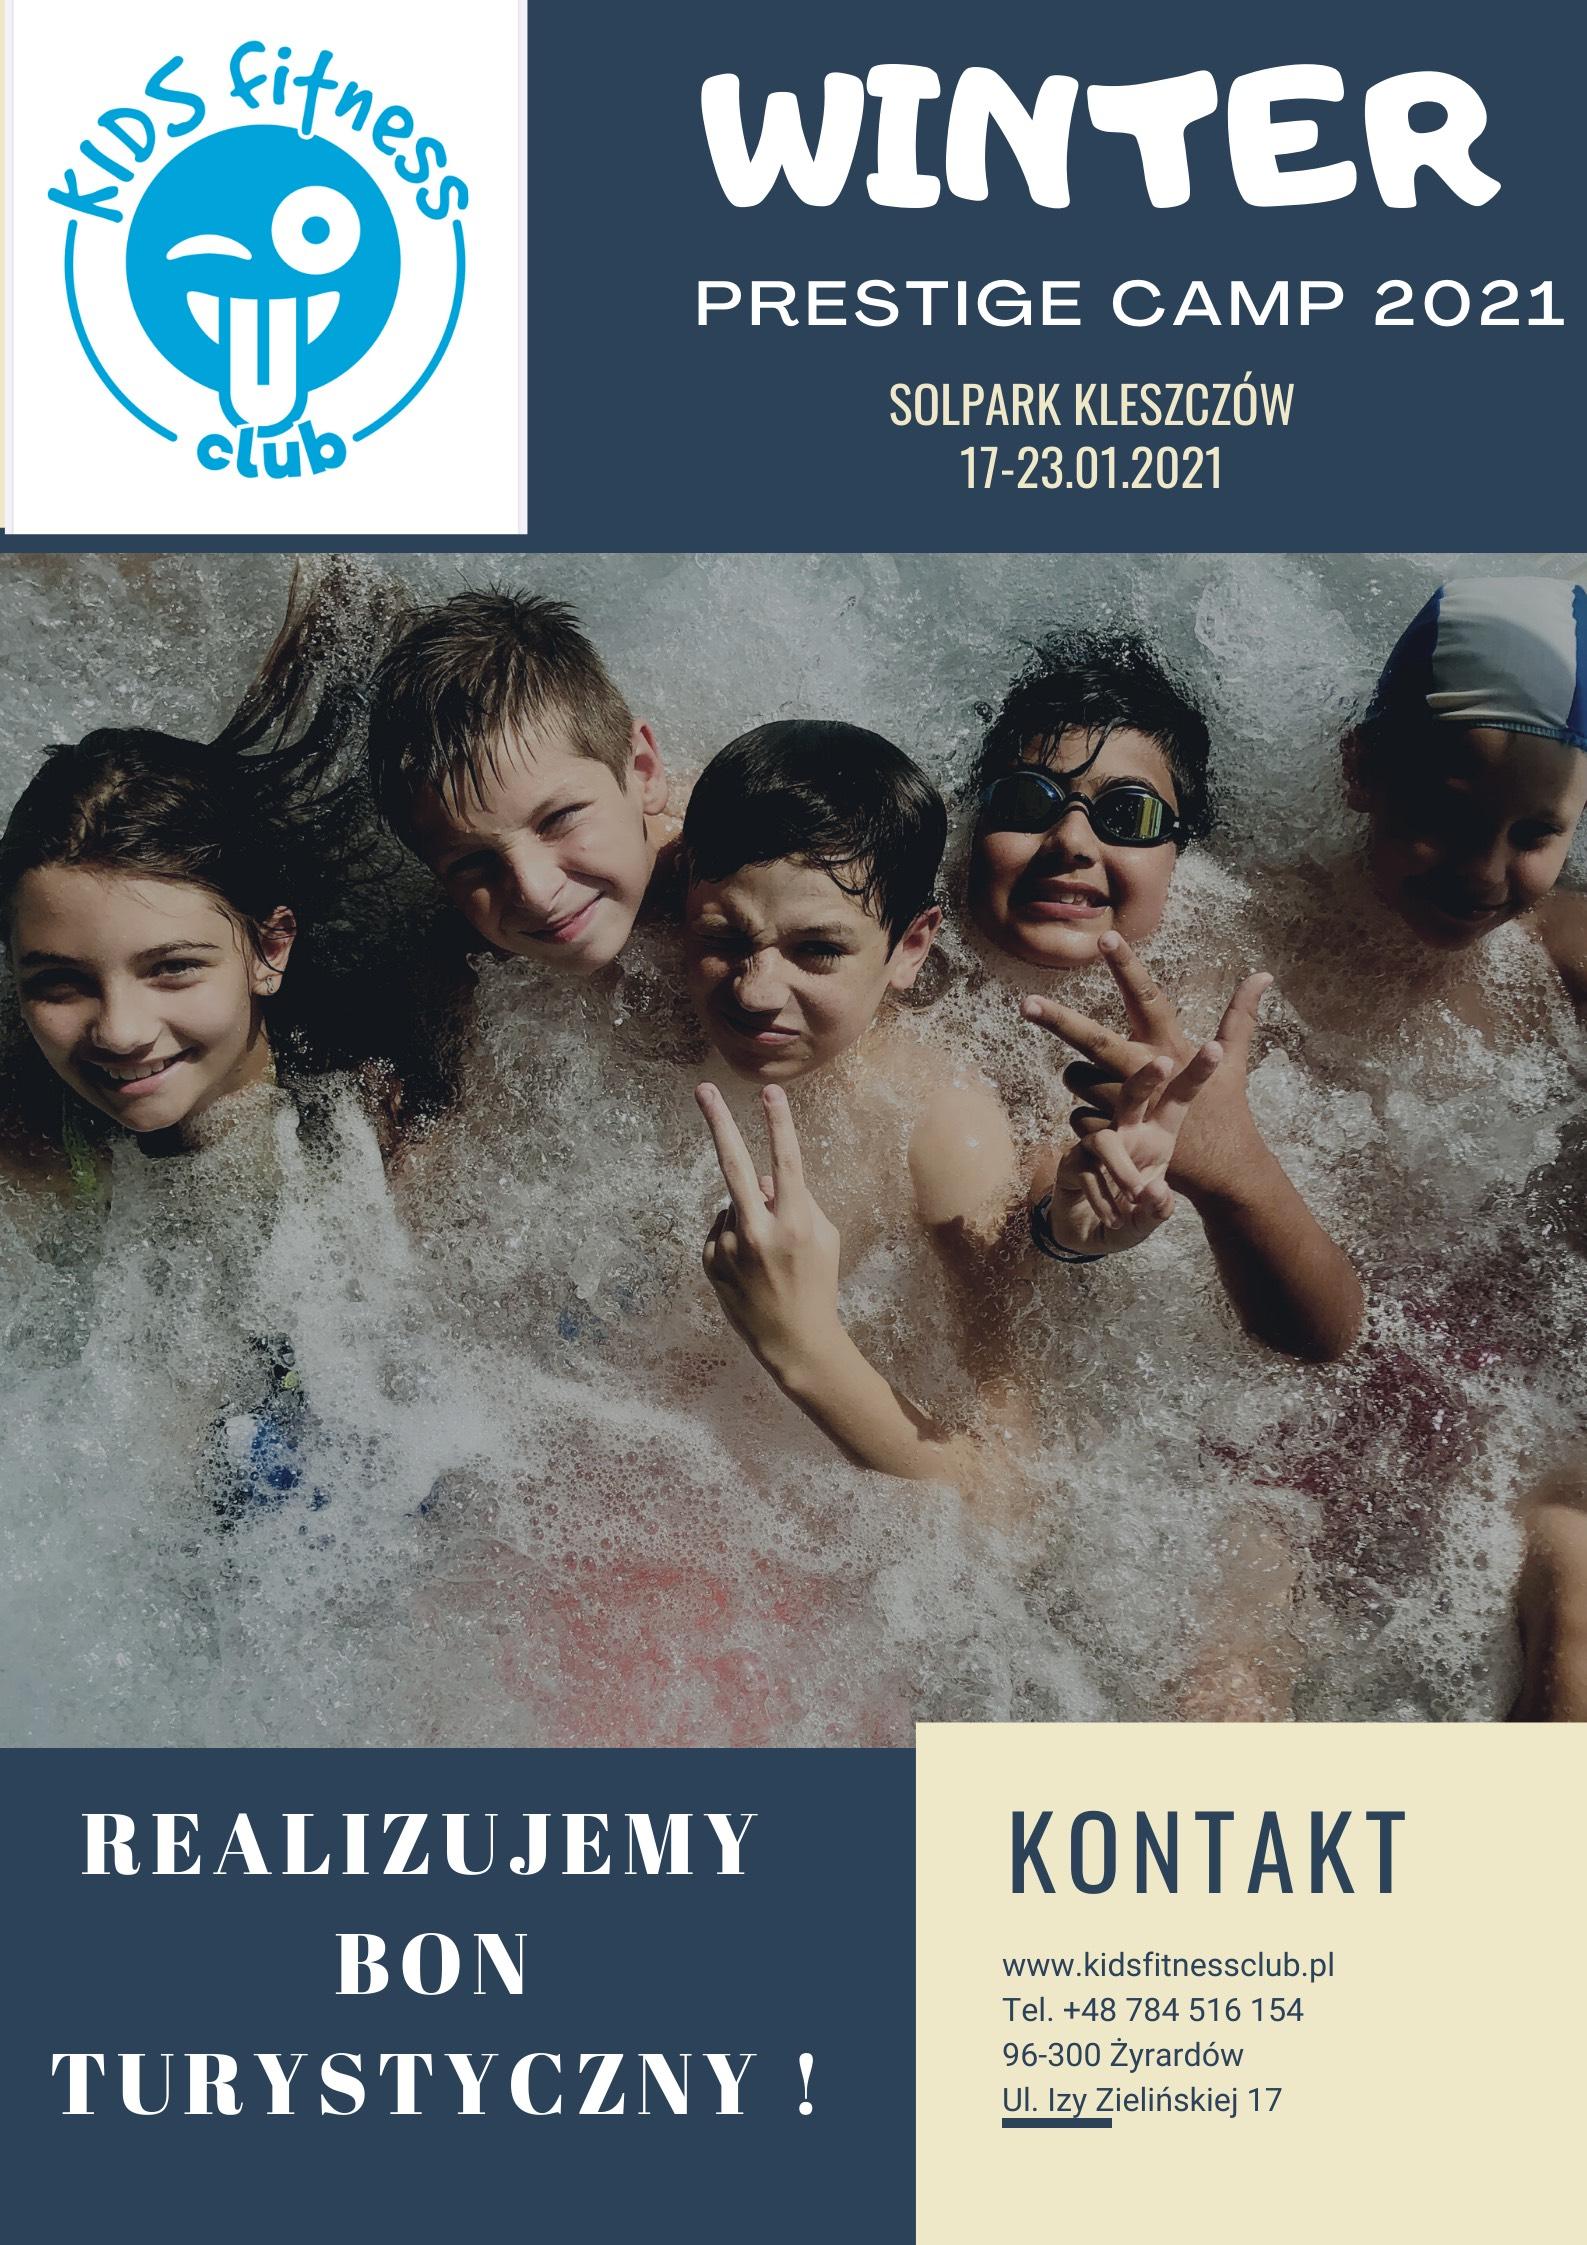 WINTER PRESTIGE CAMP KLESZCZÓW 2021 - kidsfitnessclub.pl